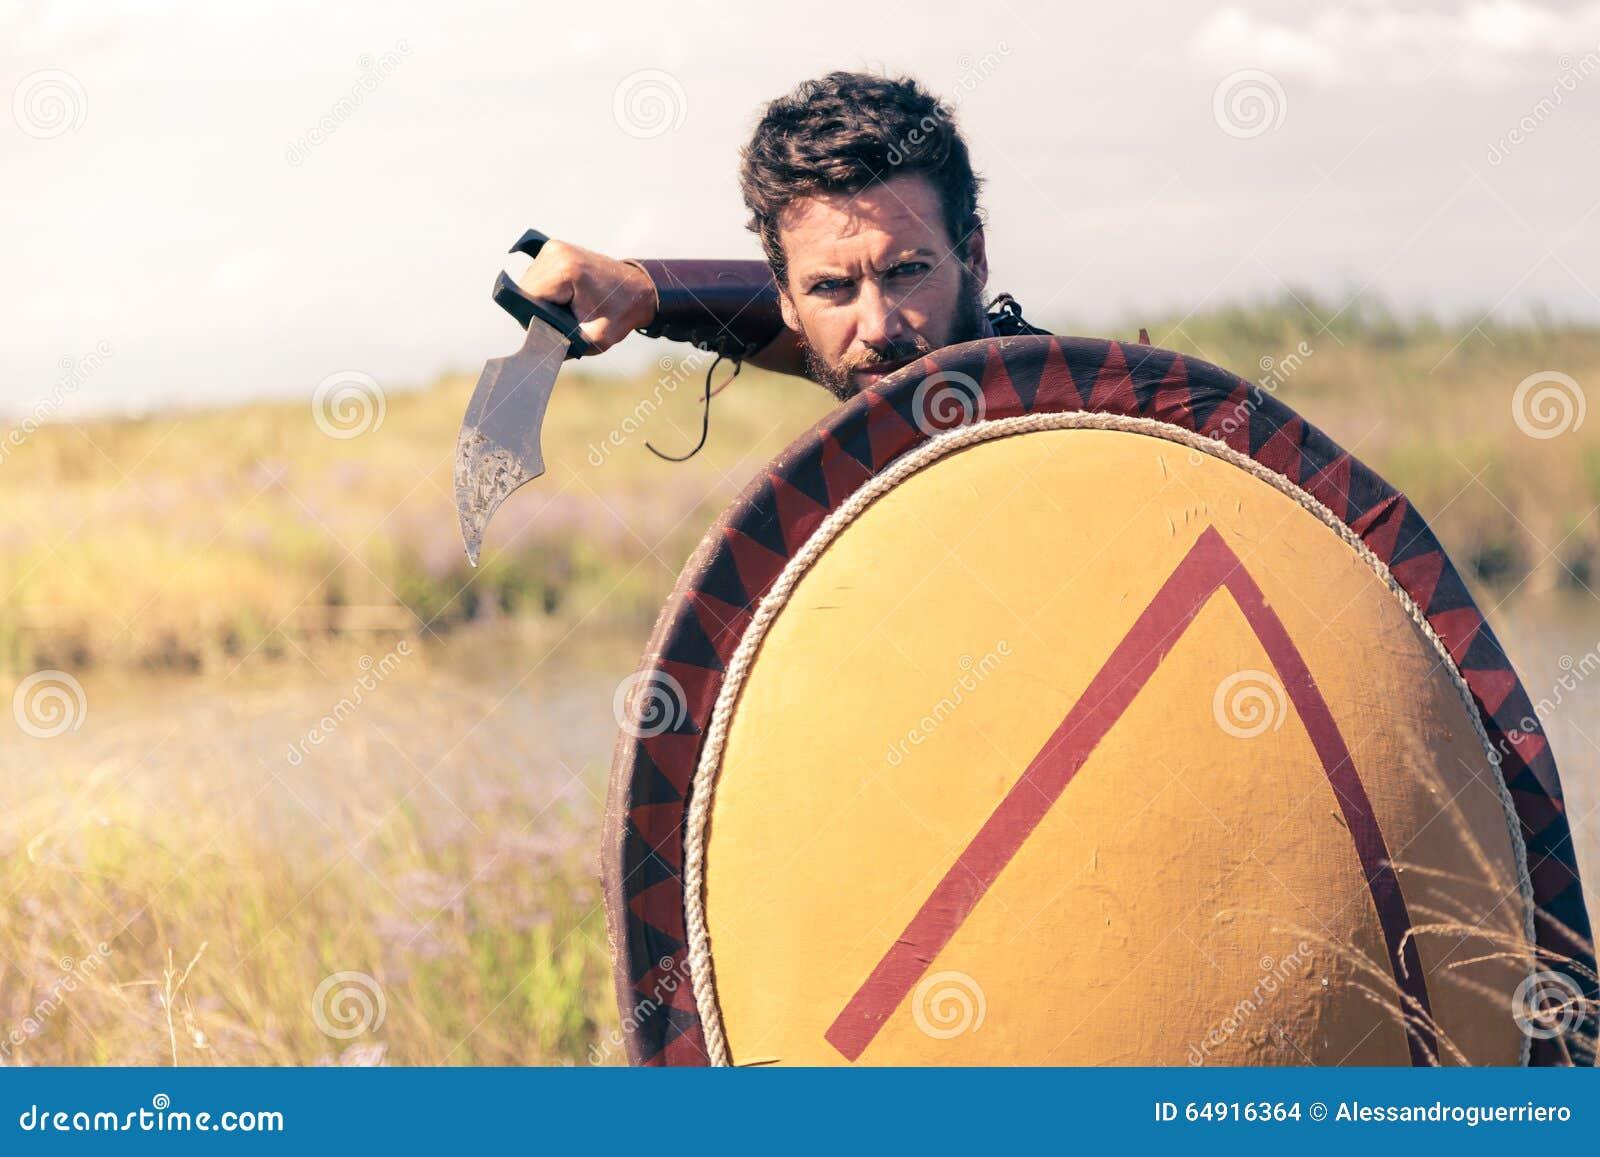 Portret walczyć antycznego wojownika w opancerzeniu z kordzikiem i osłoną